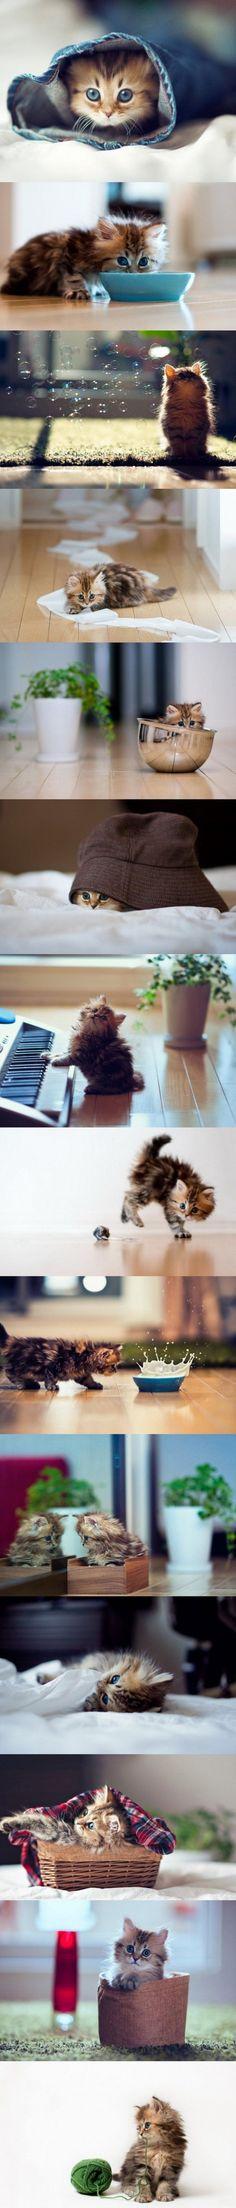 Weil Katzen einfach klasse sind! Deswegen! - Cuteness Overload Bild | Webfail - Fail Bilder und Fail Videos